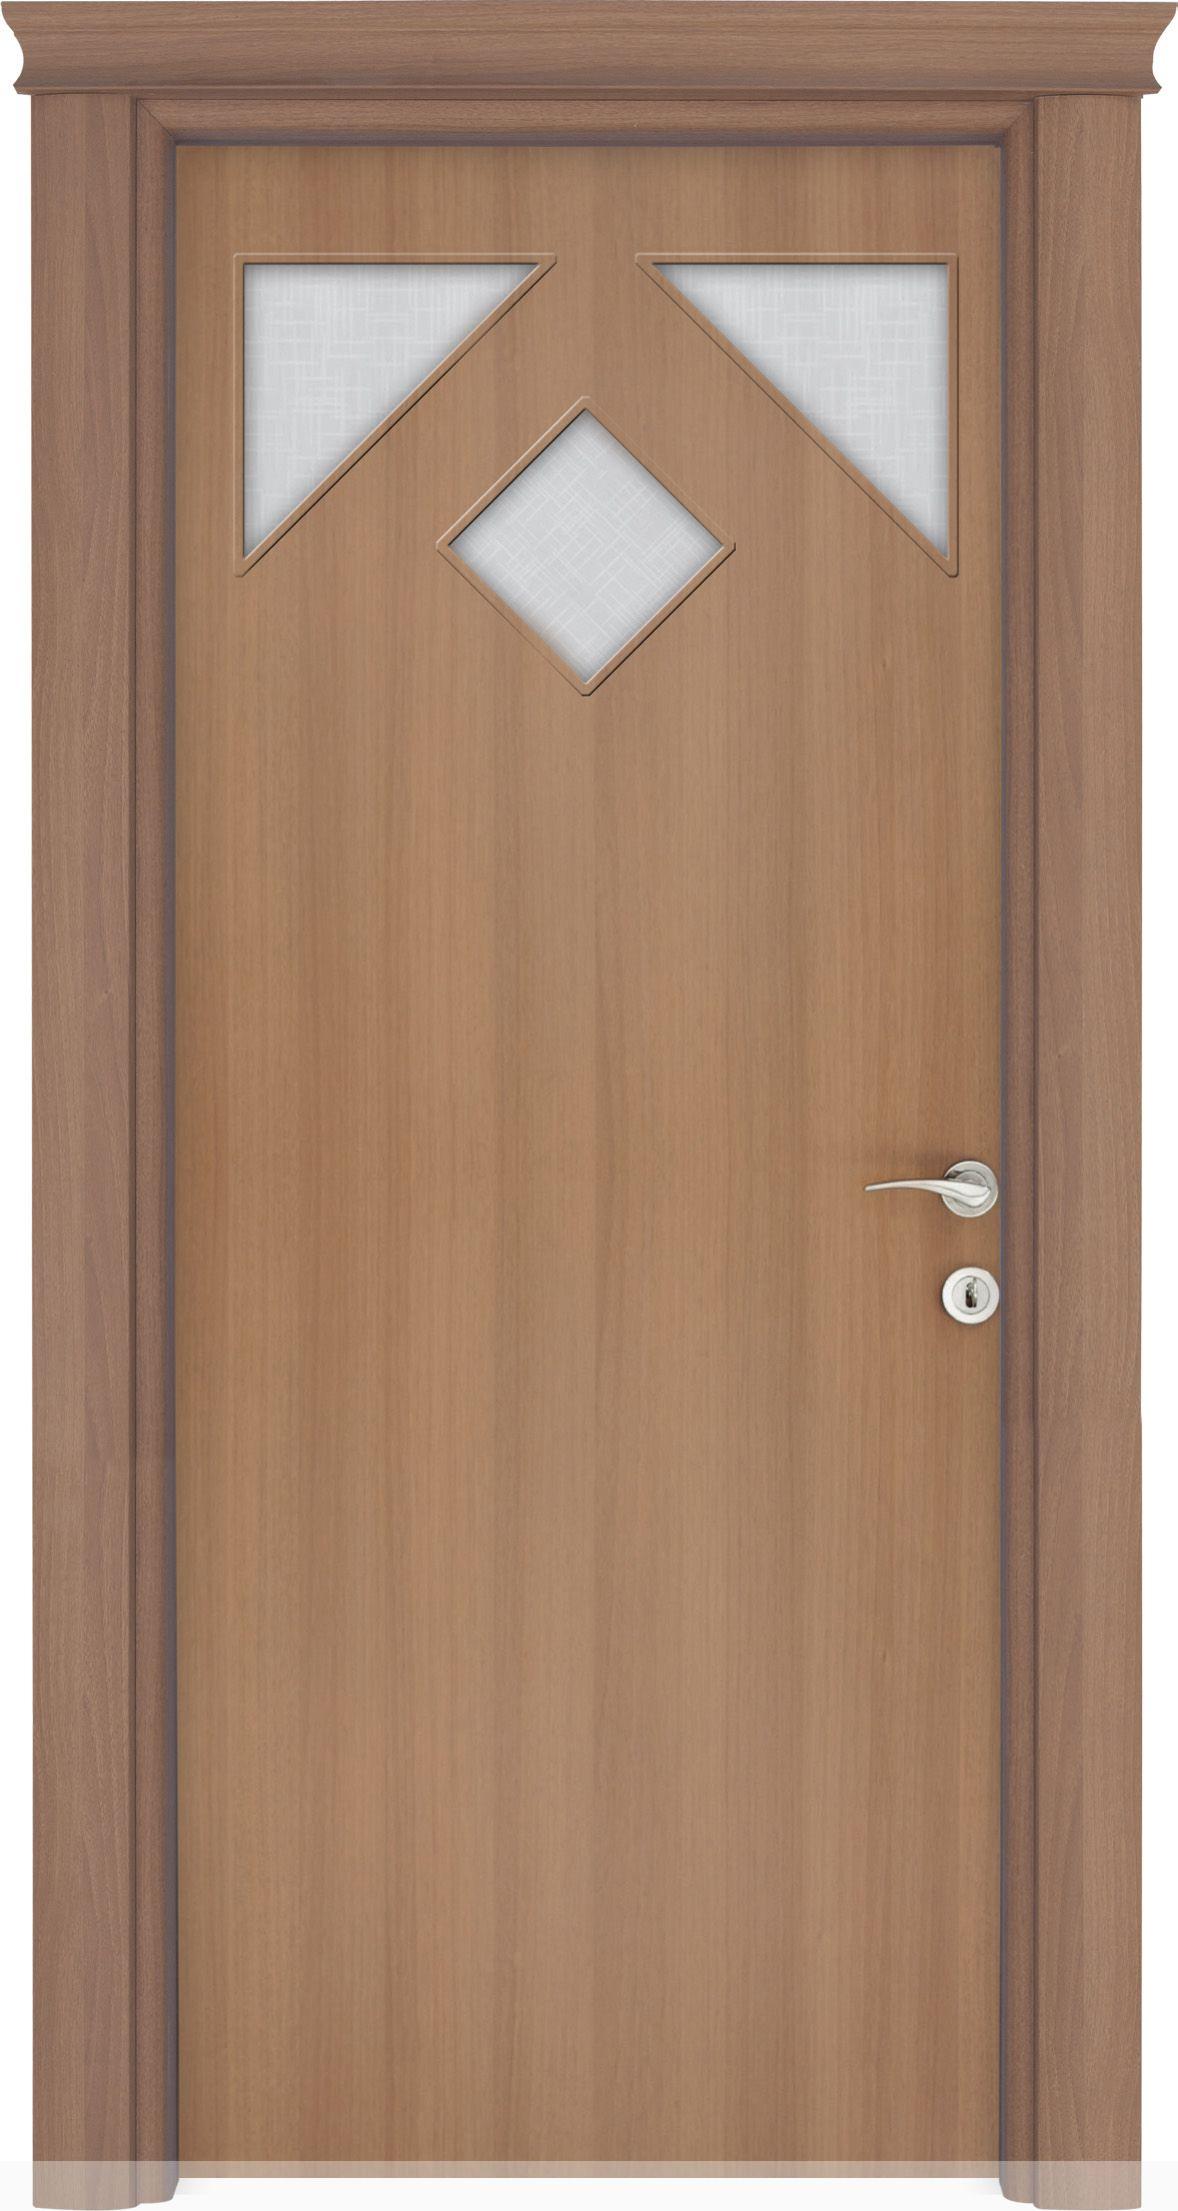 ... Turkey ... & ACRODOOR - Turkish Pvc Composite interior Doors With GhanaTrader.com ...